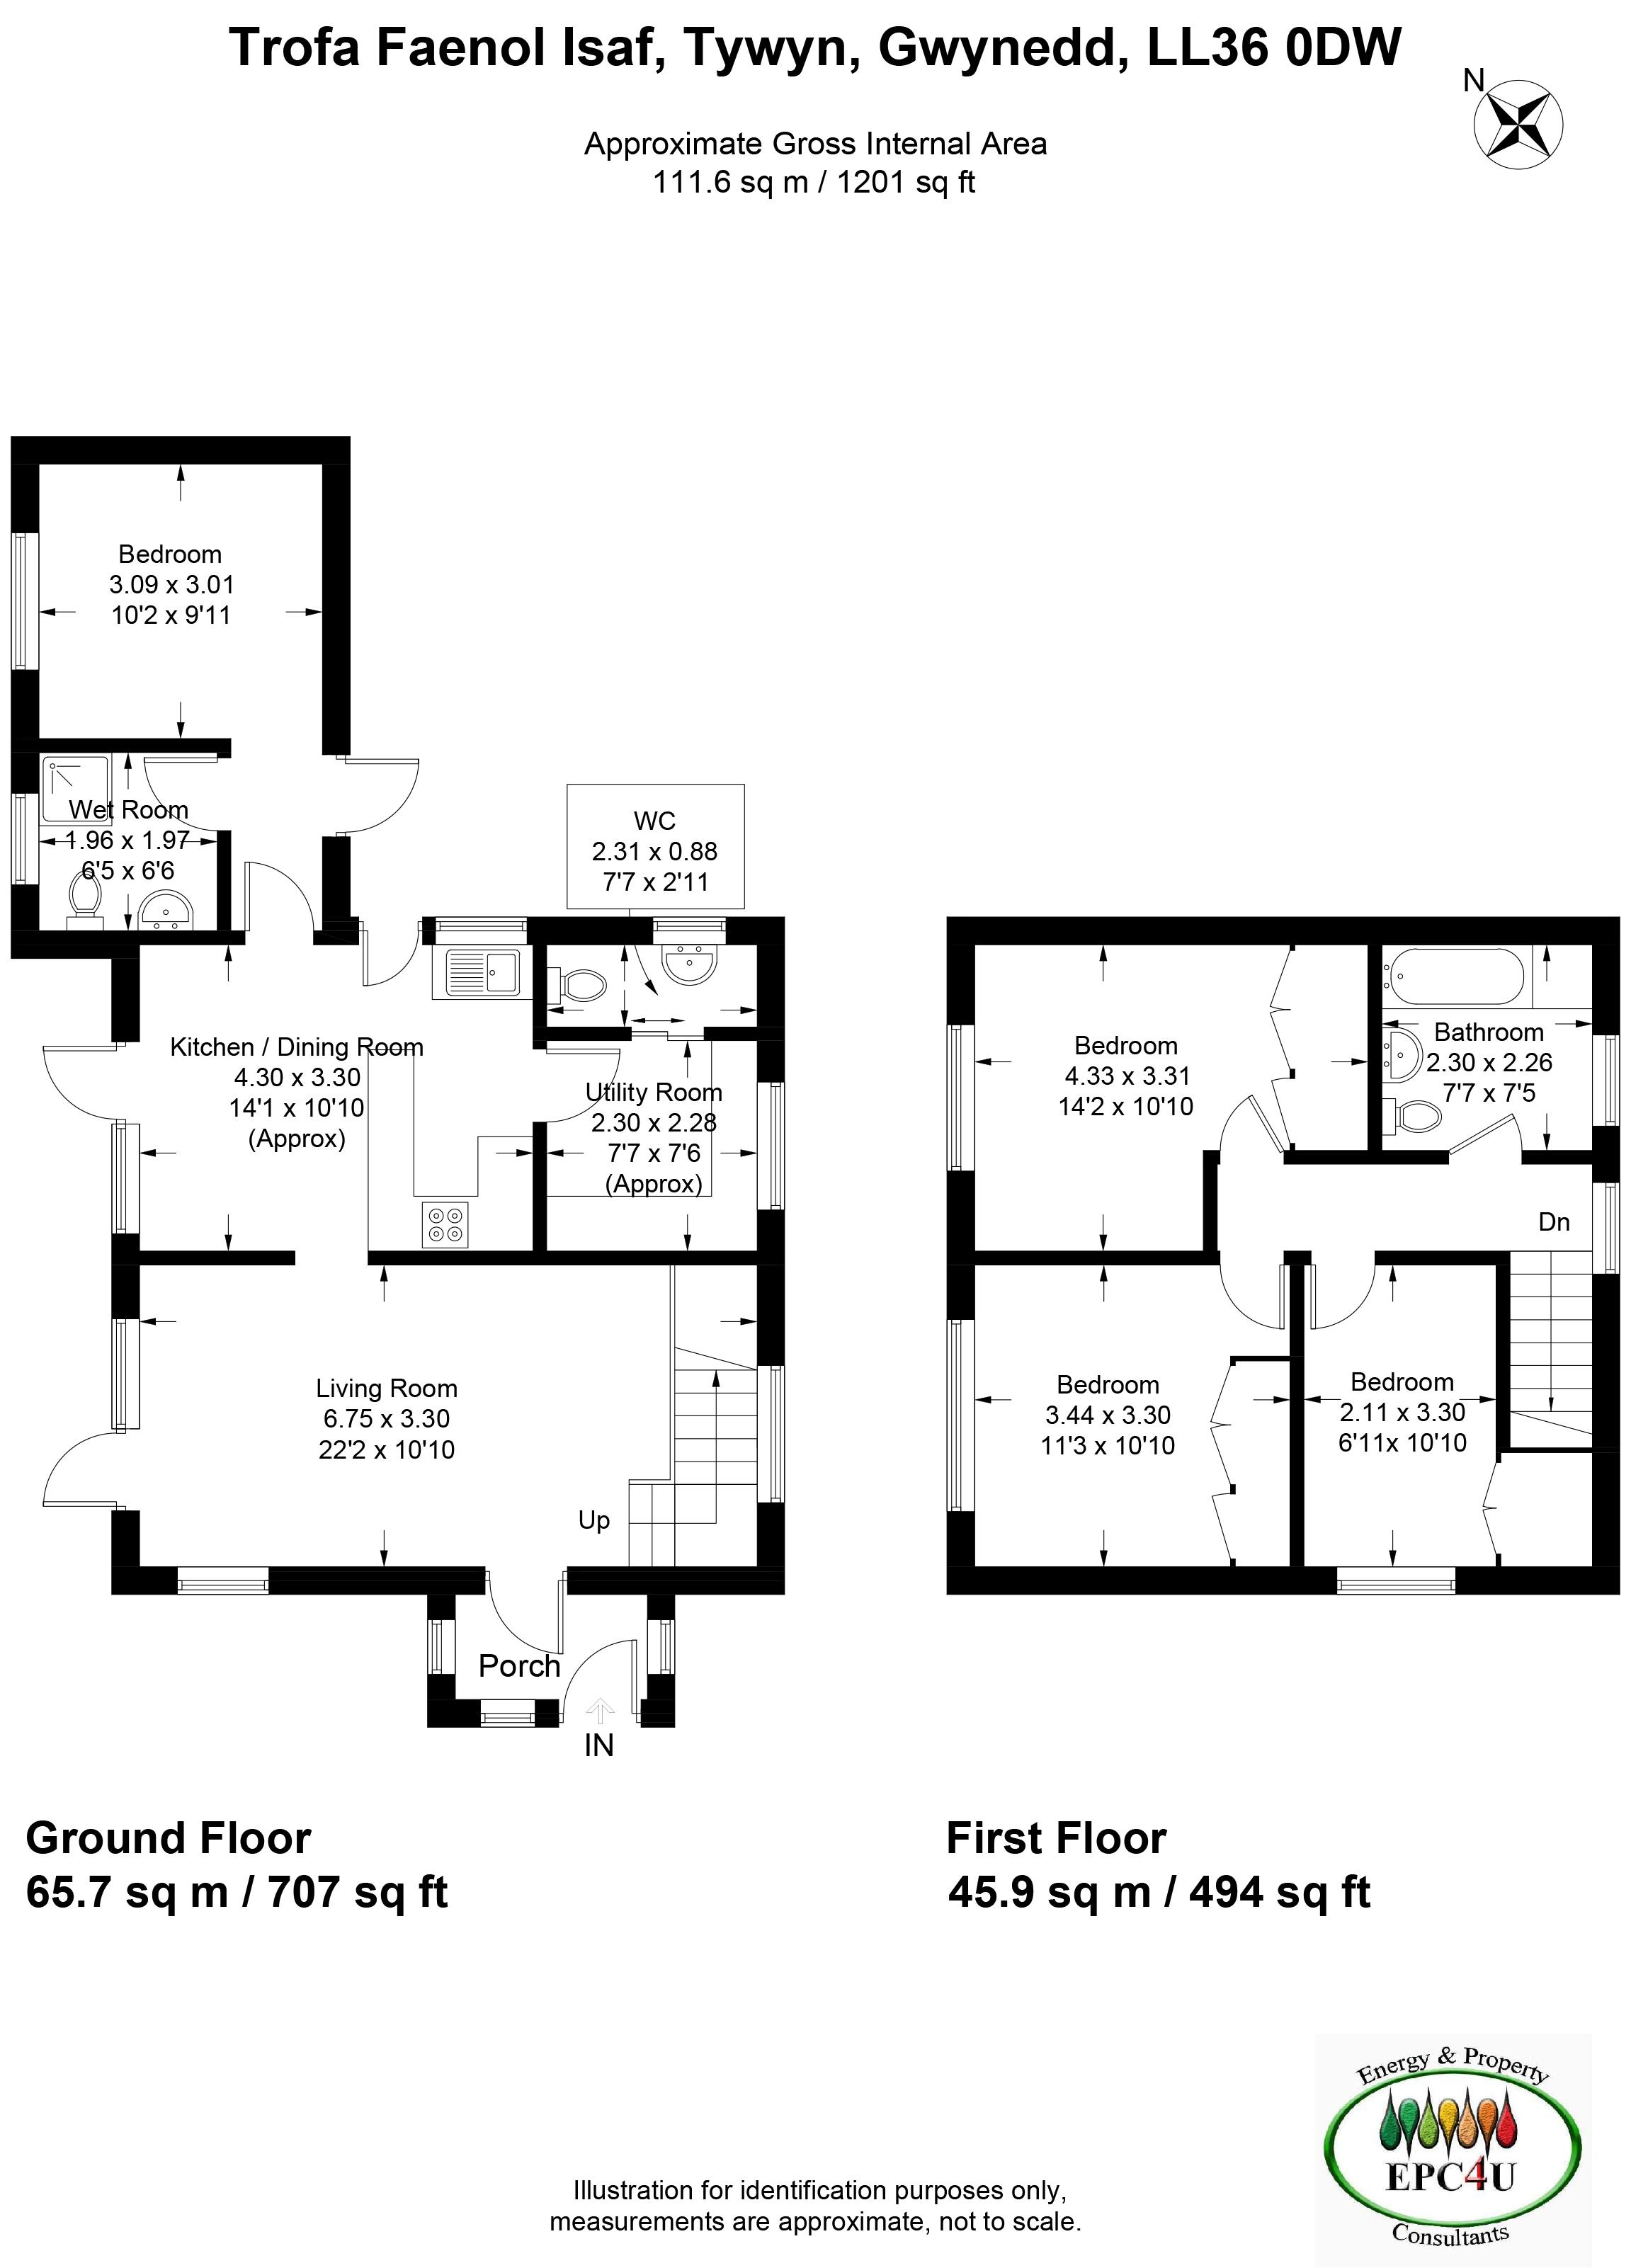 Faenol Isaf, Tywyn, Gwynedd LL36, 4 bedroom detached house